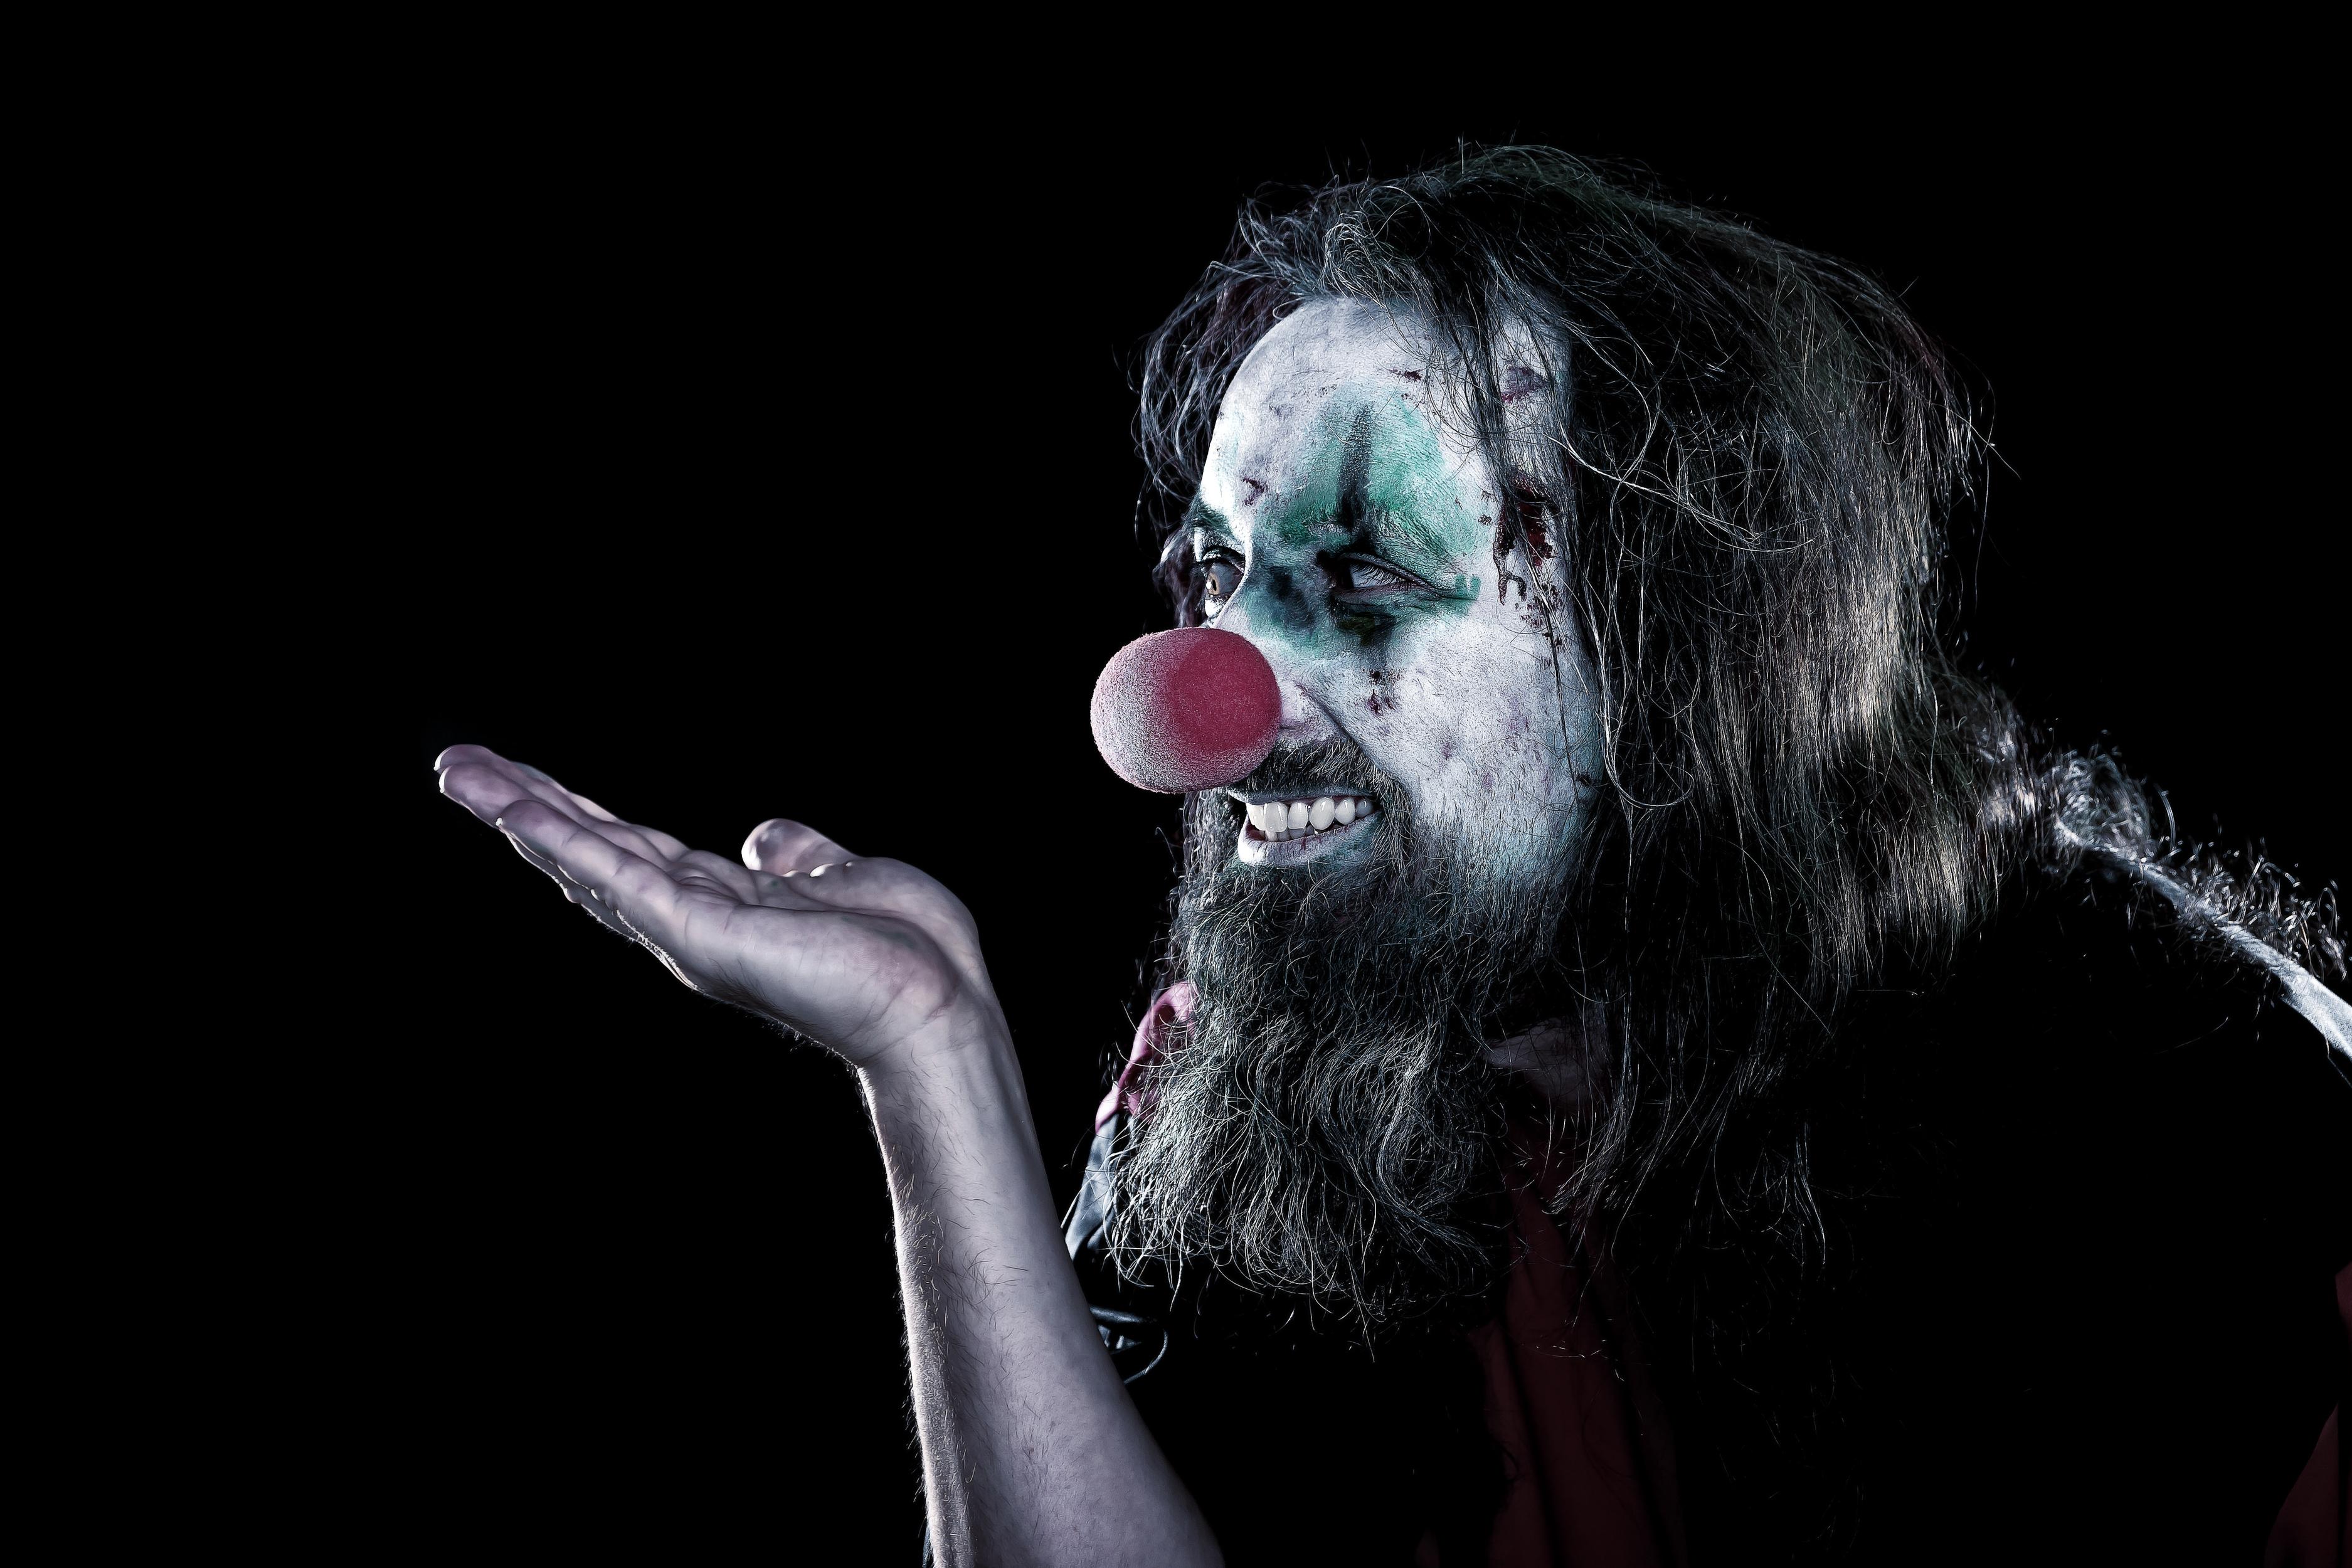 Фотографии Мужчины Макияж Клоун Борода рука Черный фон 3750x2500 мужчина мейкап косметика на лице клоуны клоуна бородой бородатые бородатый Руки на черном фоне